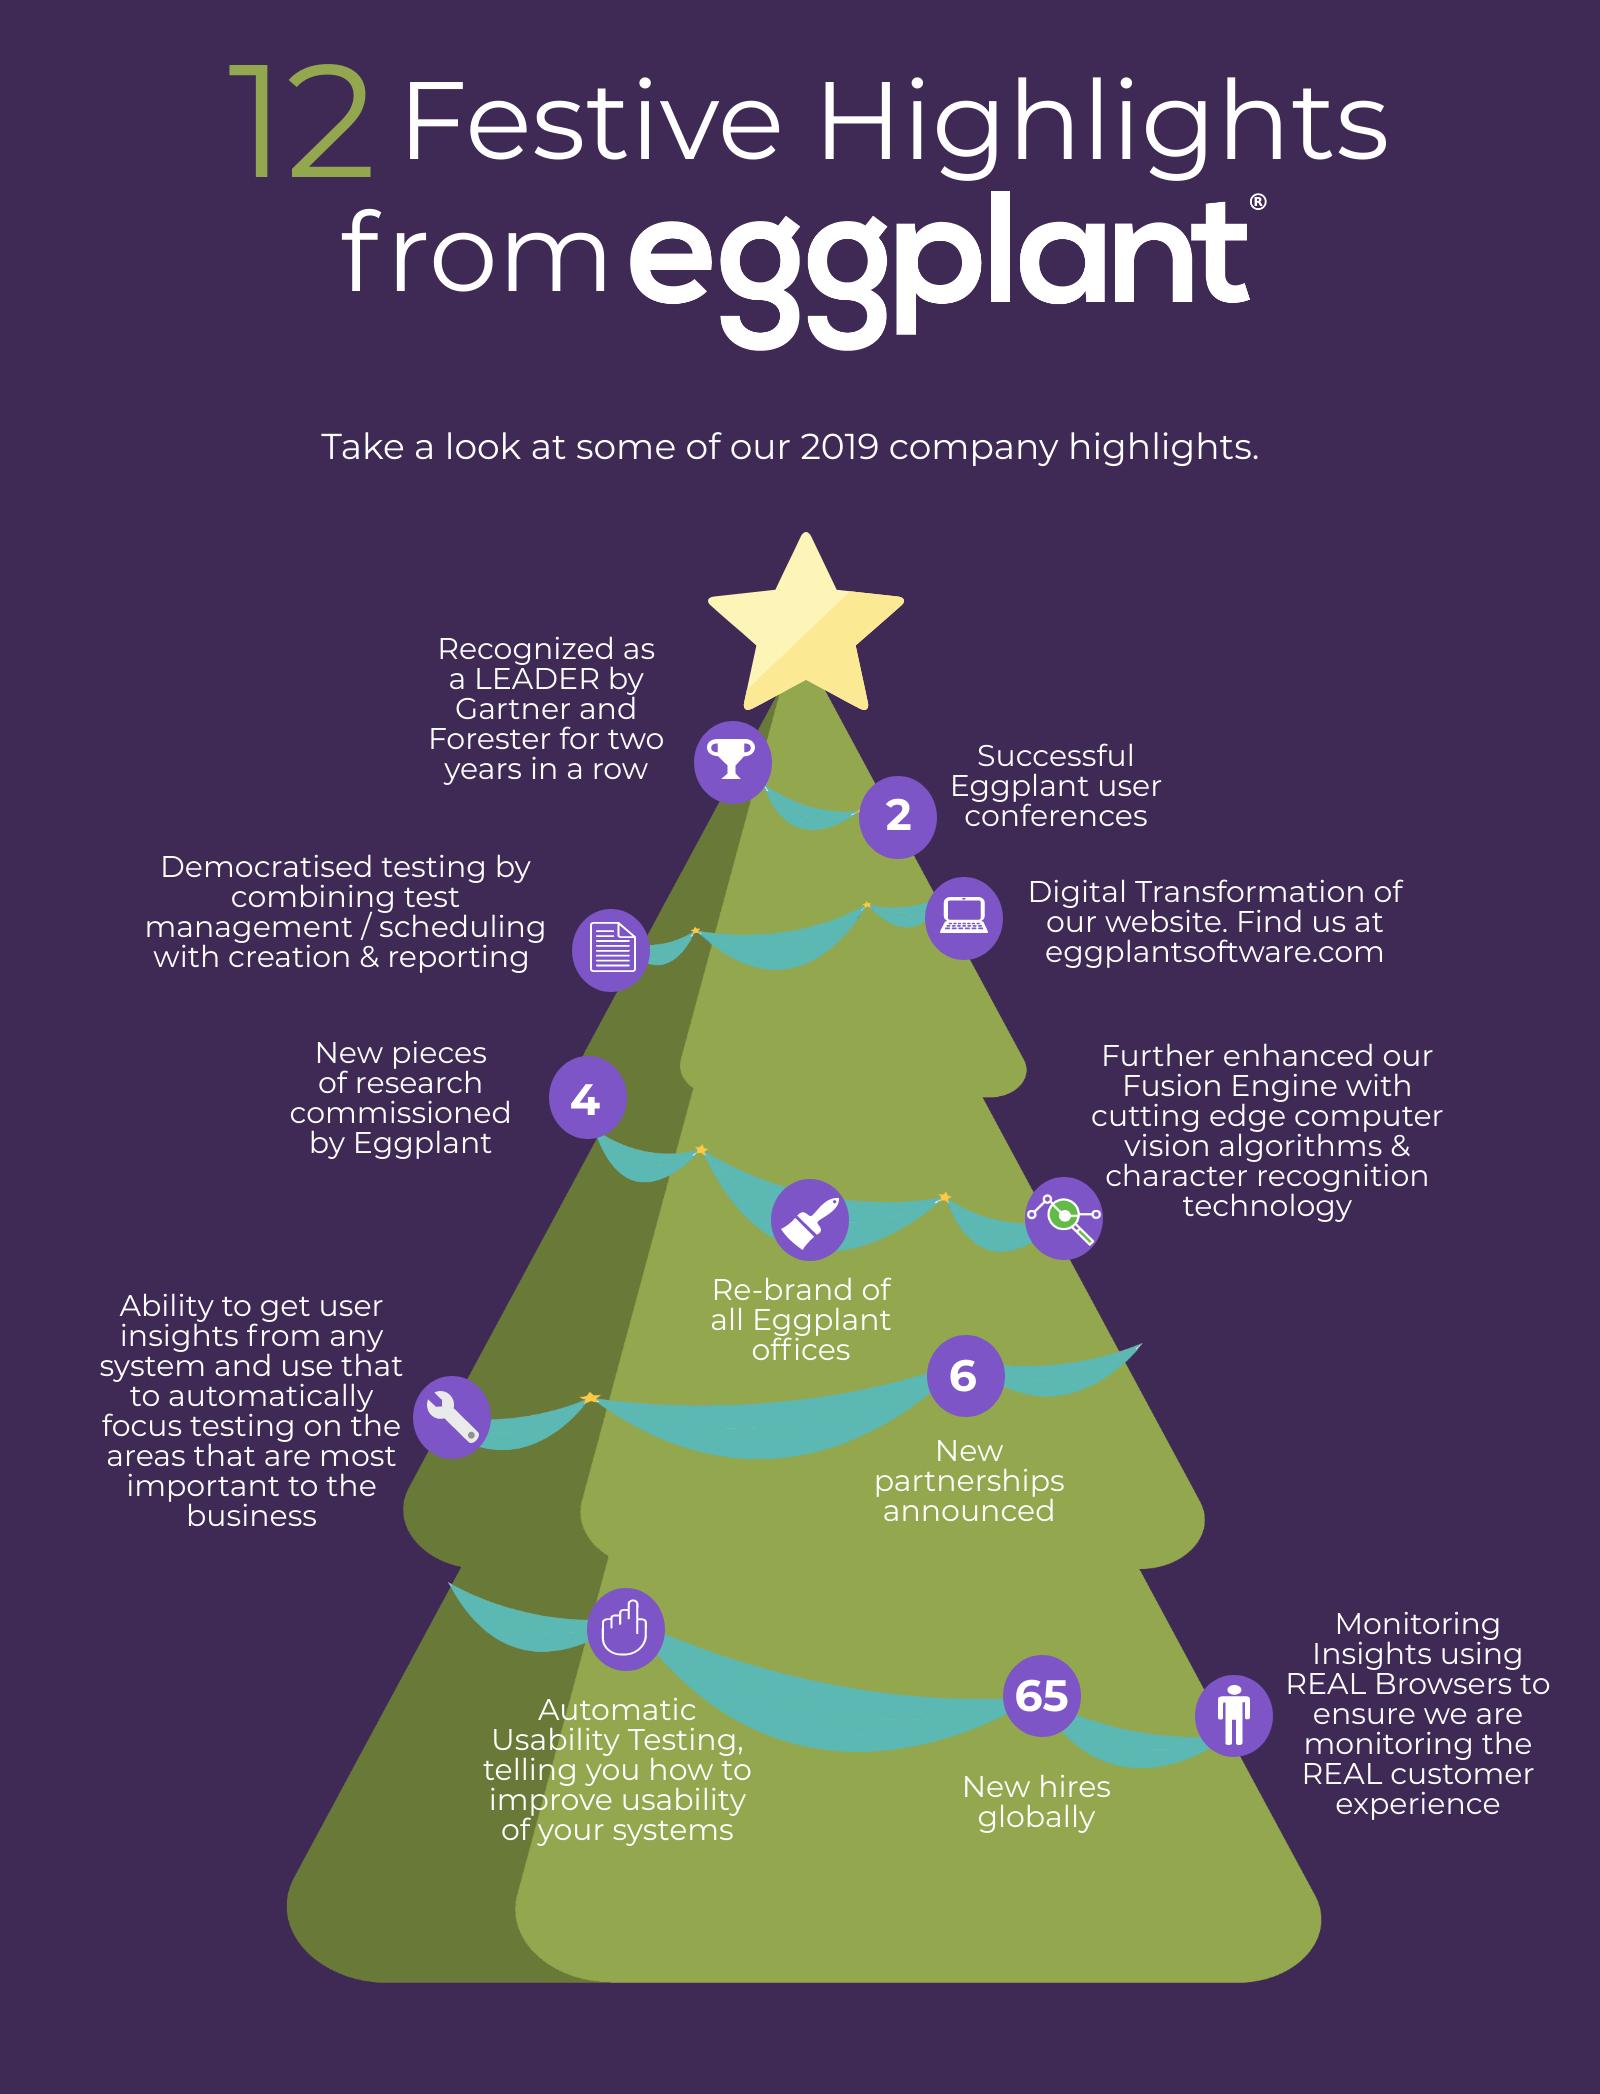 12-festive-high_43243634